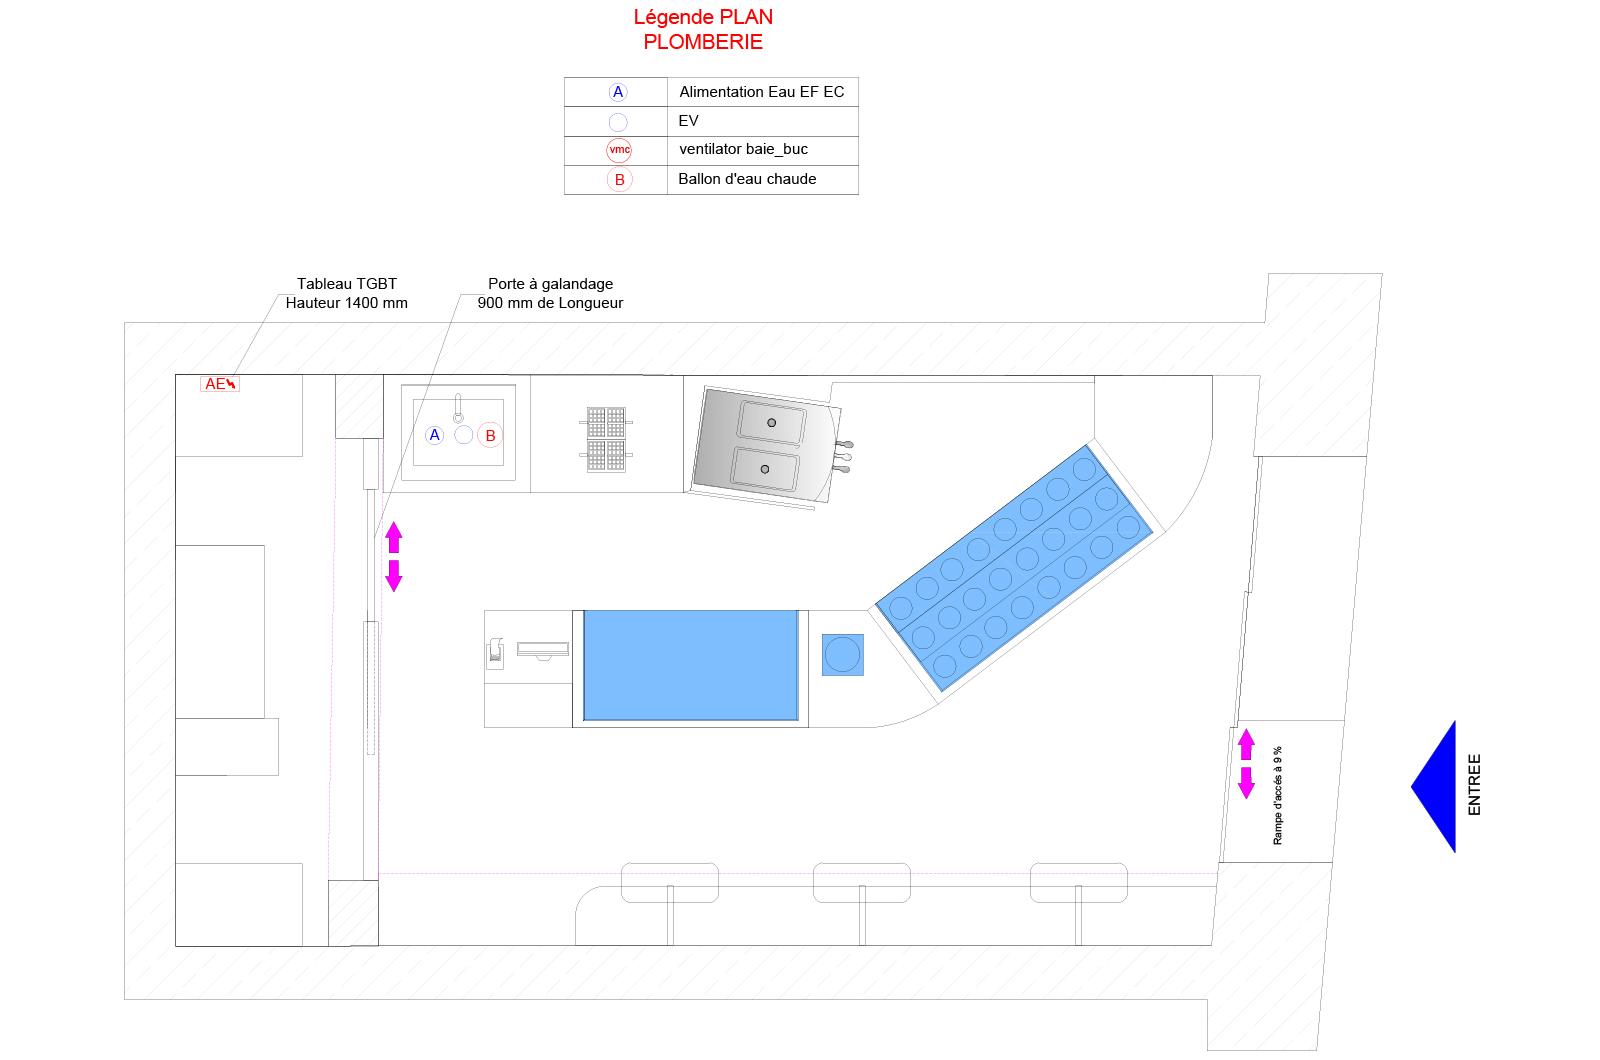 Plan Porte À Galandage conception 2d - architecture & aménagement d'espaces